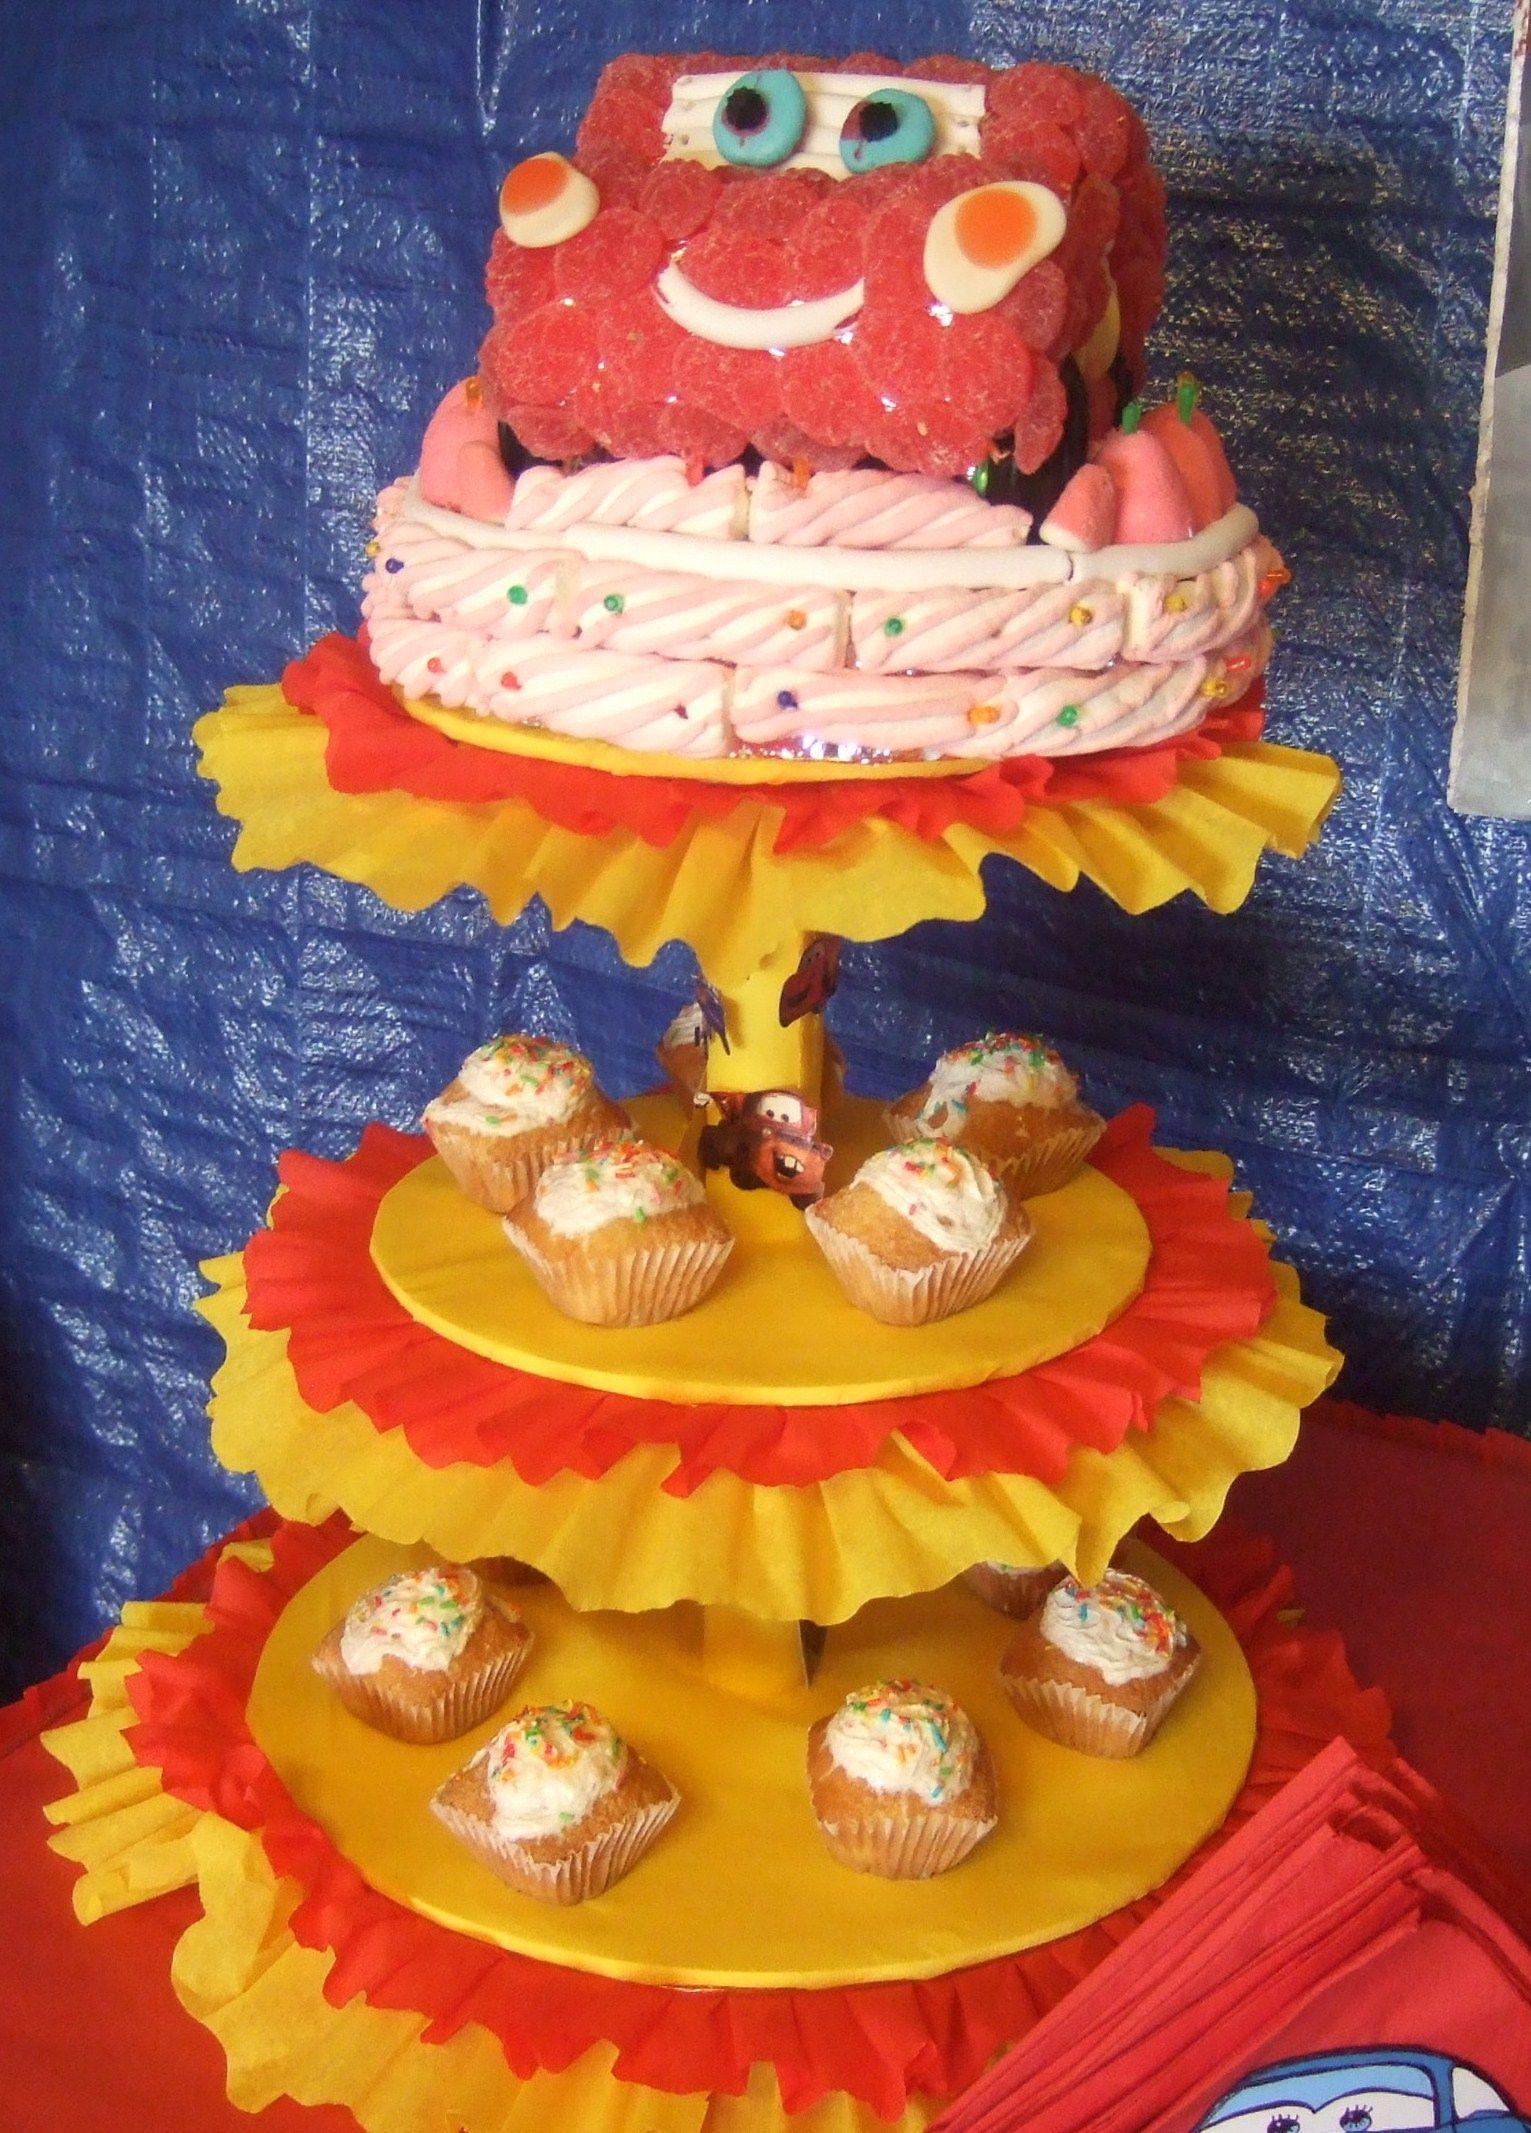 a continuacin podrs inspirarte en estas ideas para decorar una torta o pastel echa con dulces de gomitas creando la forma del carrito de cars fjate los